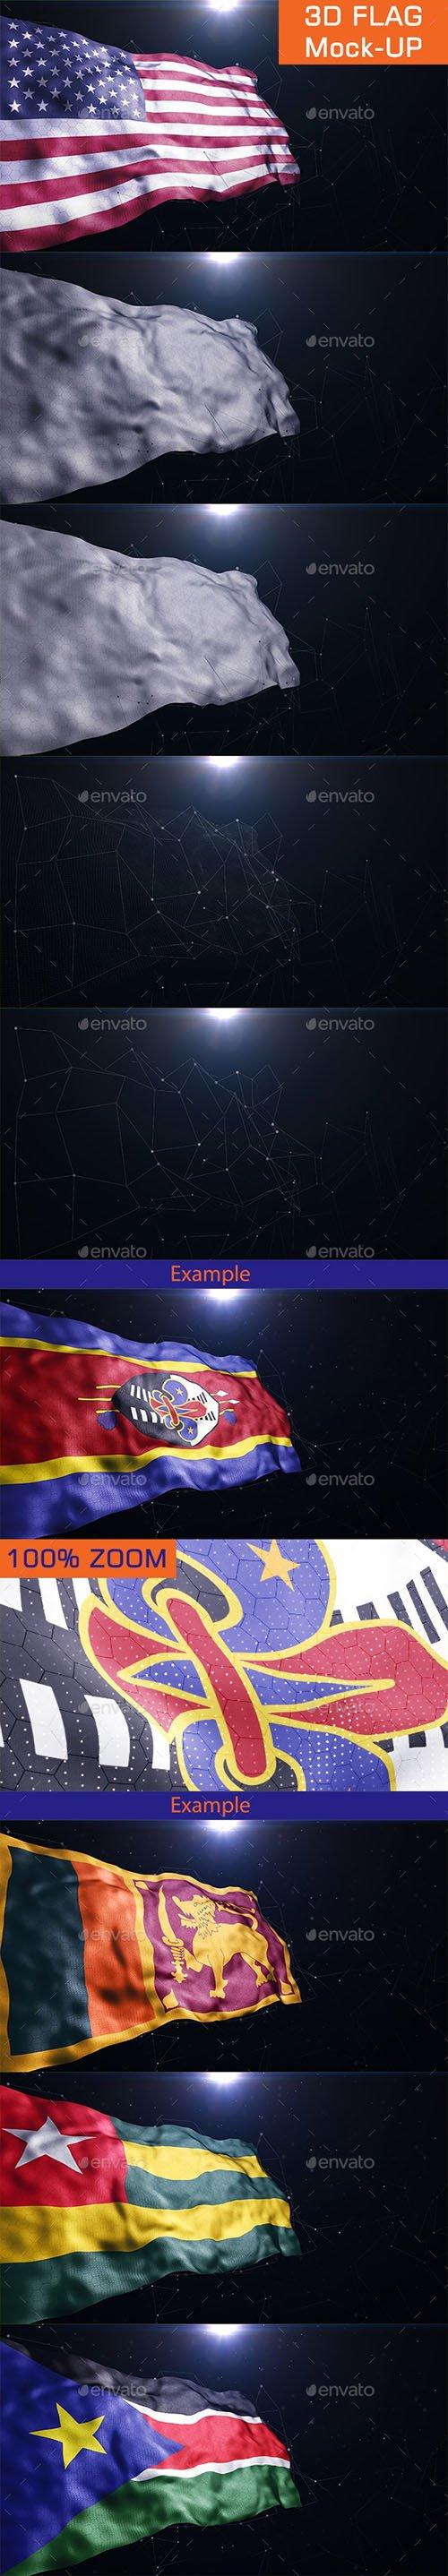 3D Flag Mock-UP 23356871